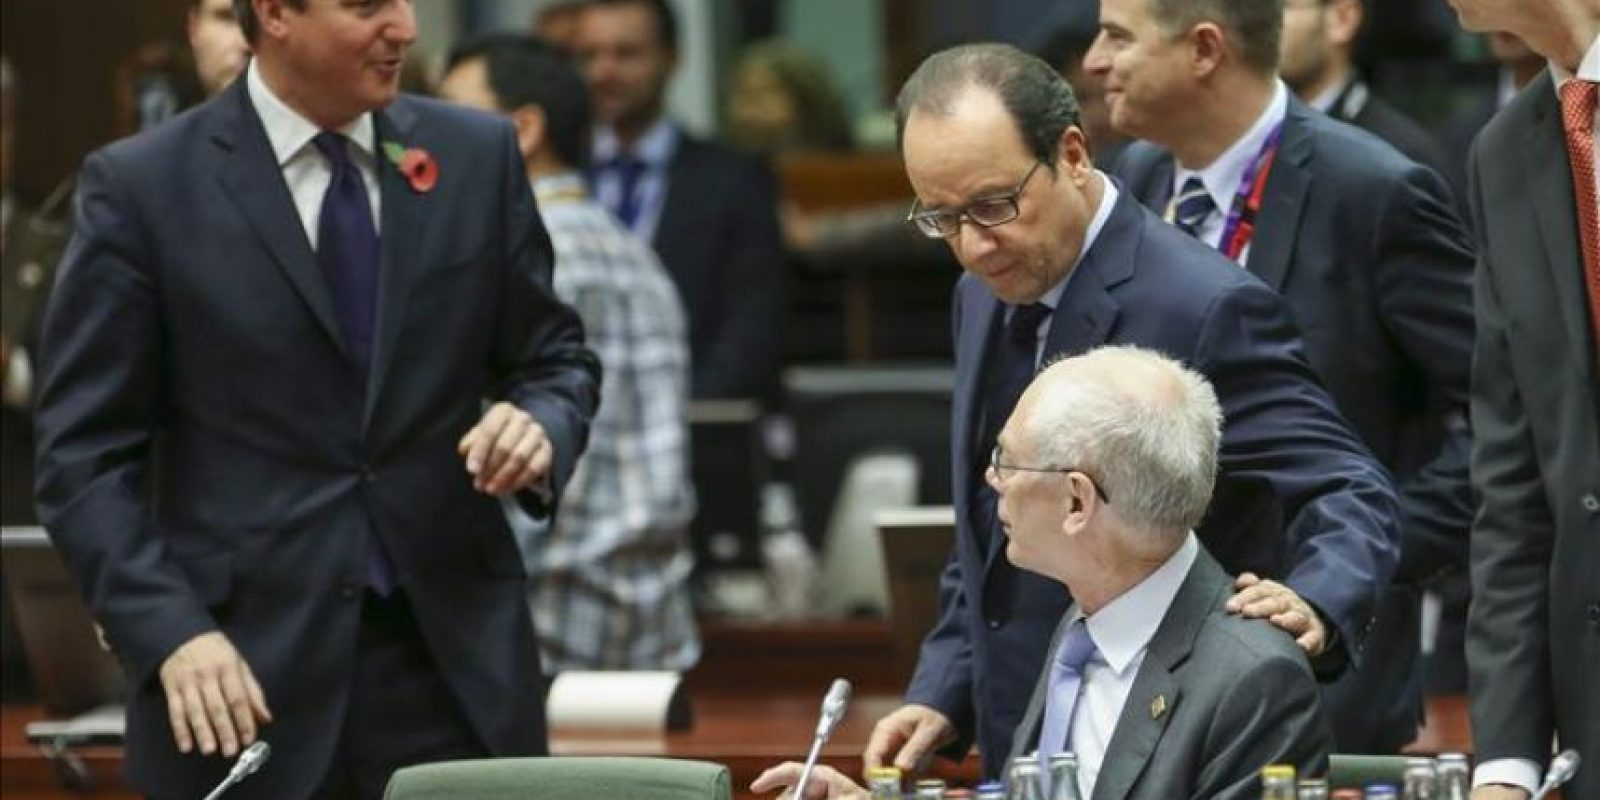 (i-d) El primer ministro británico, David Cameron; el presidente francés, François Hollande, y el presidente del Consejo Europeo (CE), Herman van Rompuy, charlan al inicio del segundo día de la cumbre de jefes de Estado y de Gobierno de la Unión Europea, en Bruselas (Bélgica). EFE